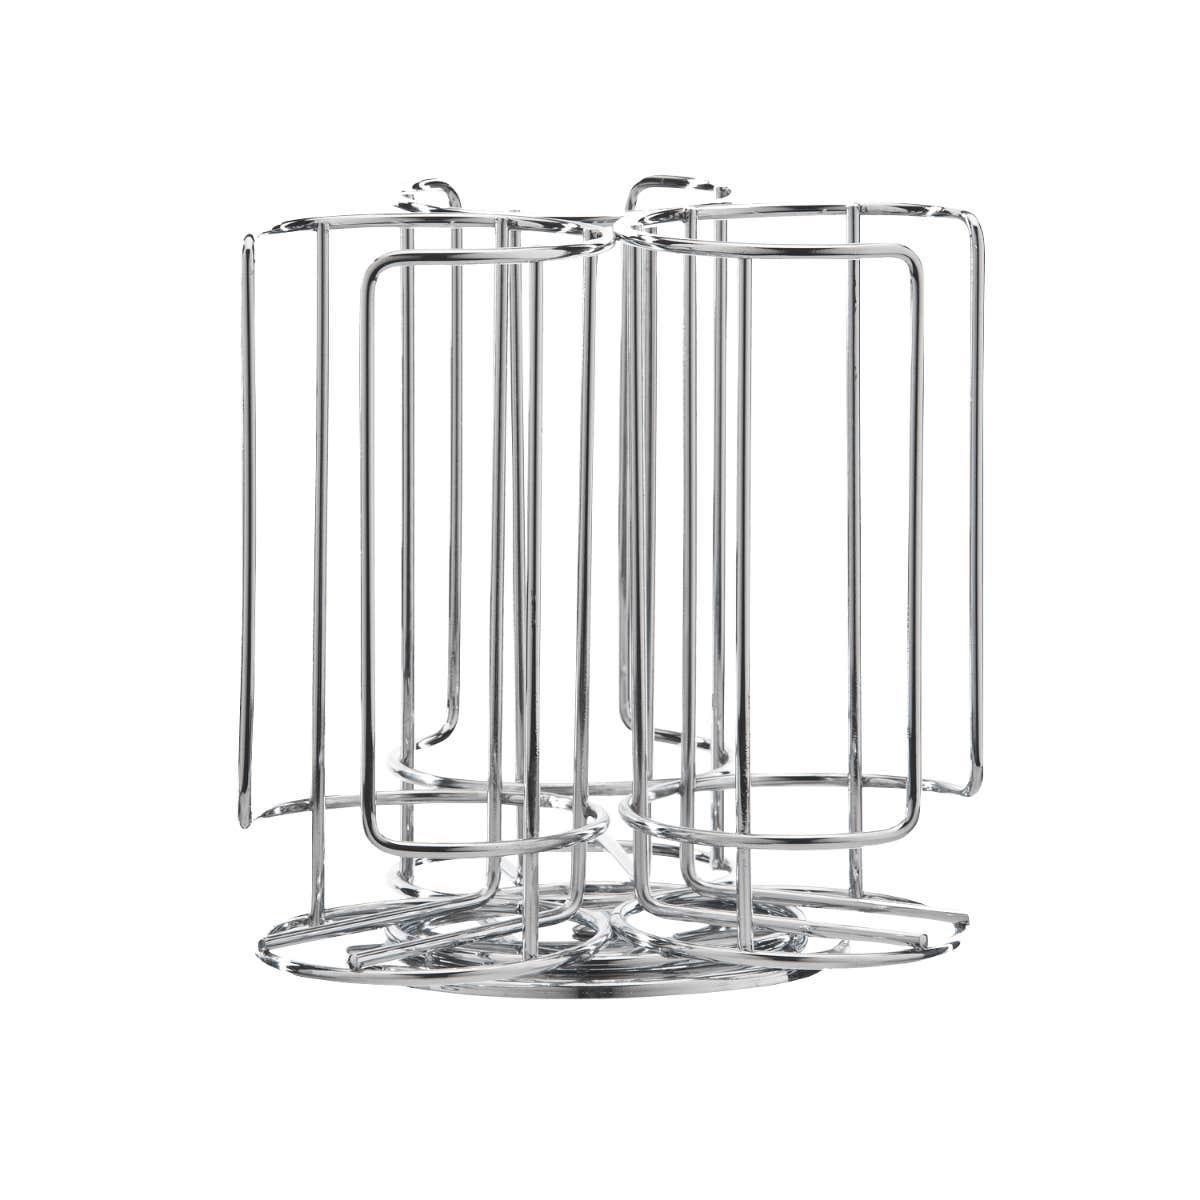 TASSIMO Stainless Steel TASSIMO Pod Holder for 30 T DISCs